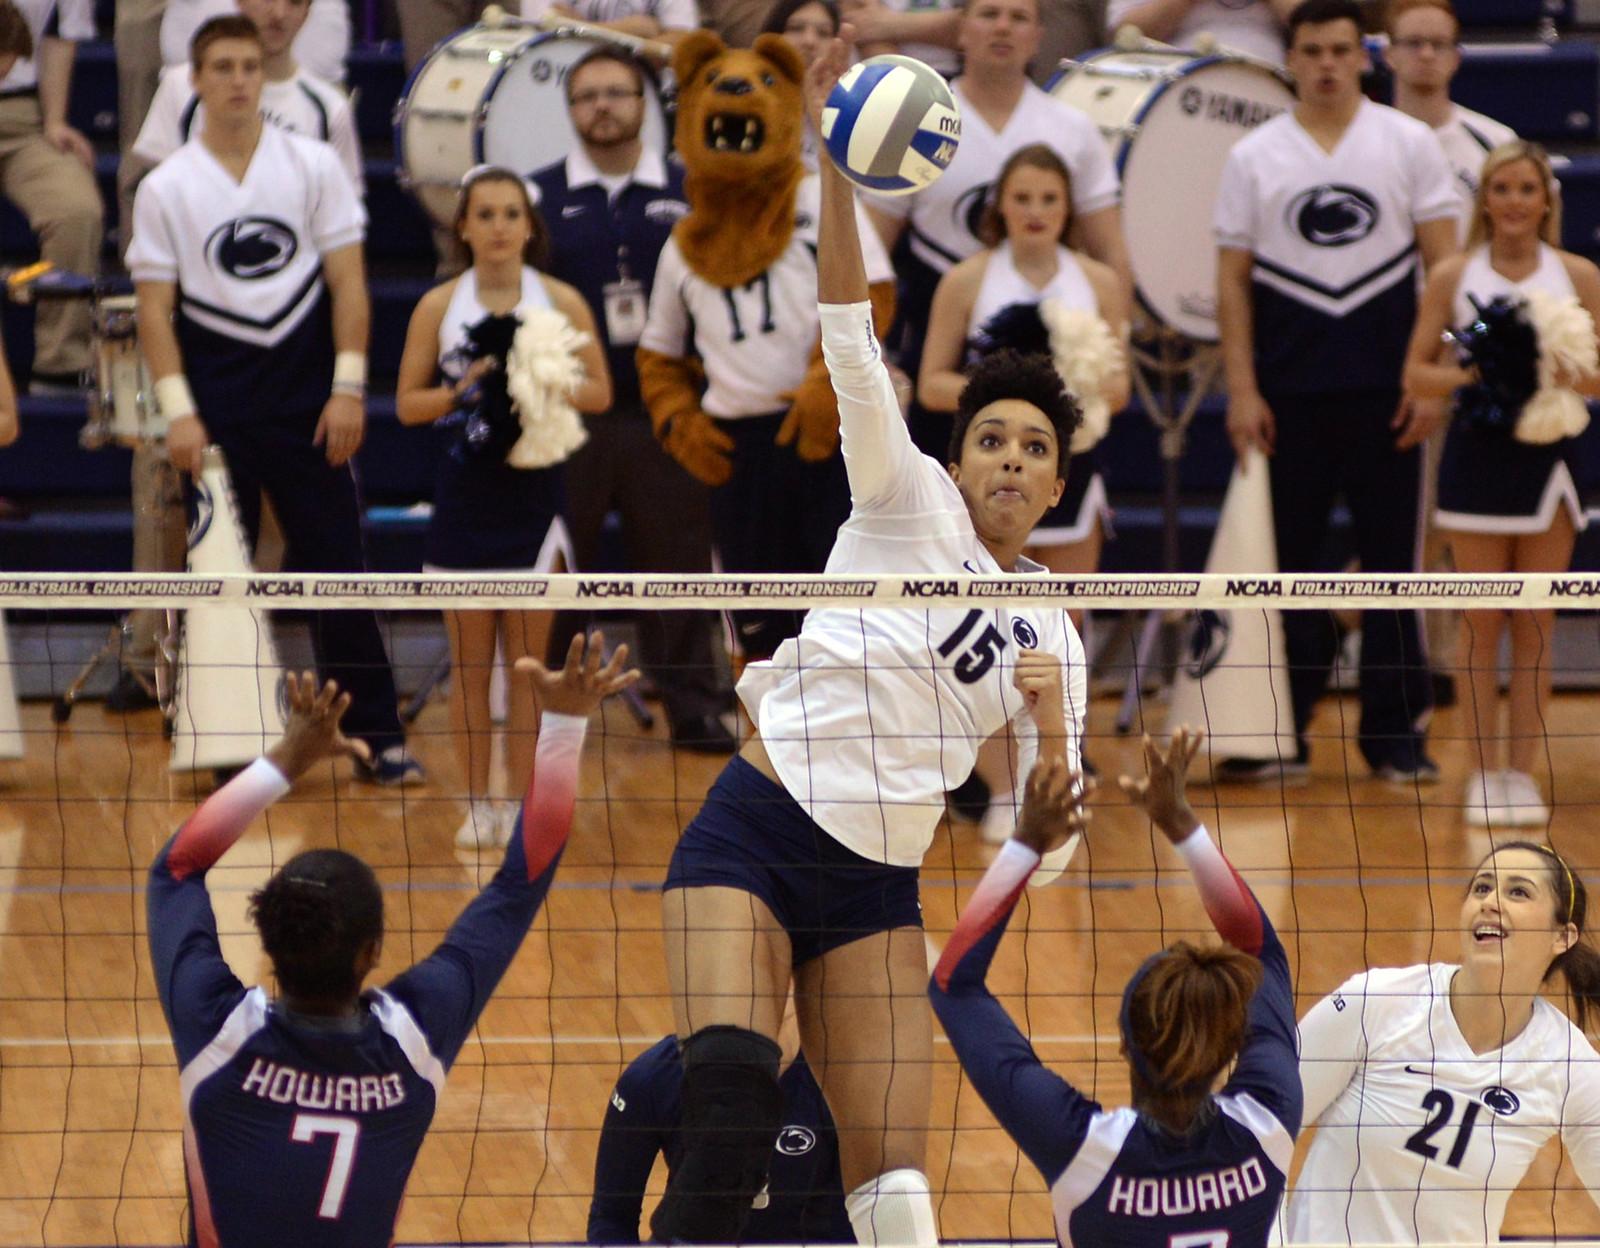 Penn State middle hitter Haleigh Washington attacks against Howard (Penn State News)